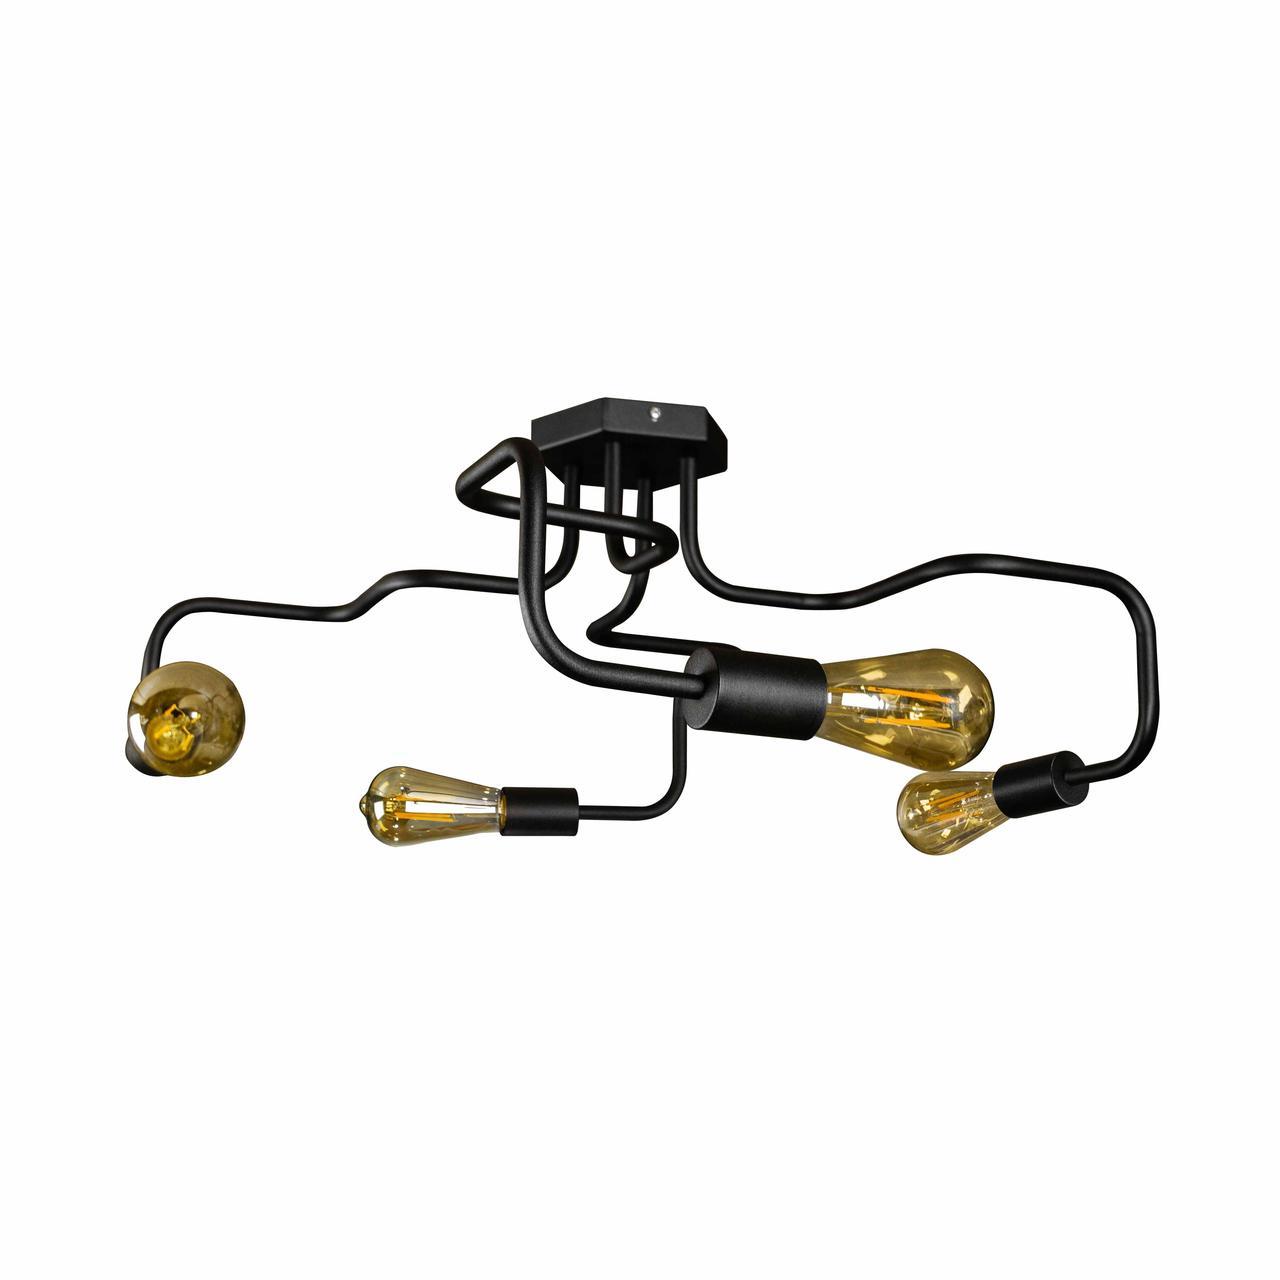 Люстра лофт на чотири лампи павук NL5526-4 MSK Electric